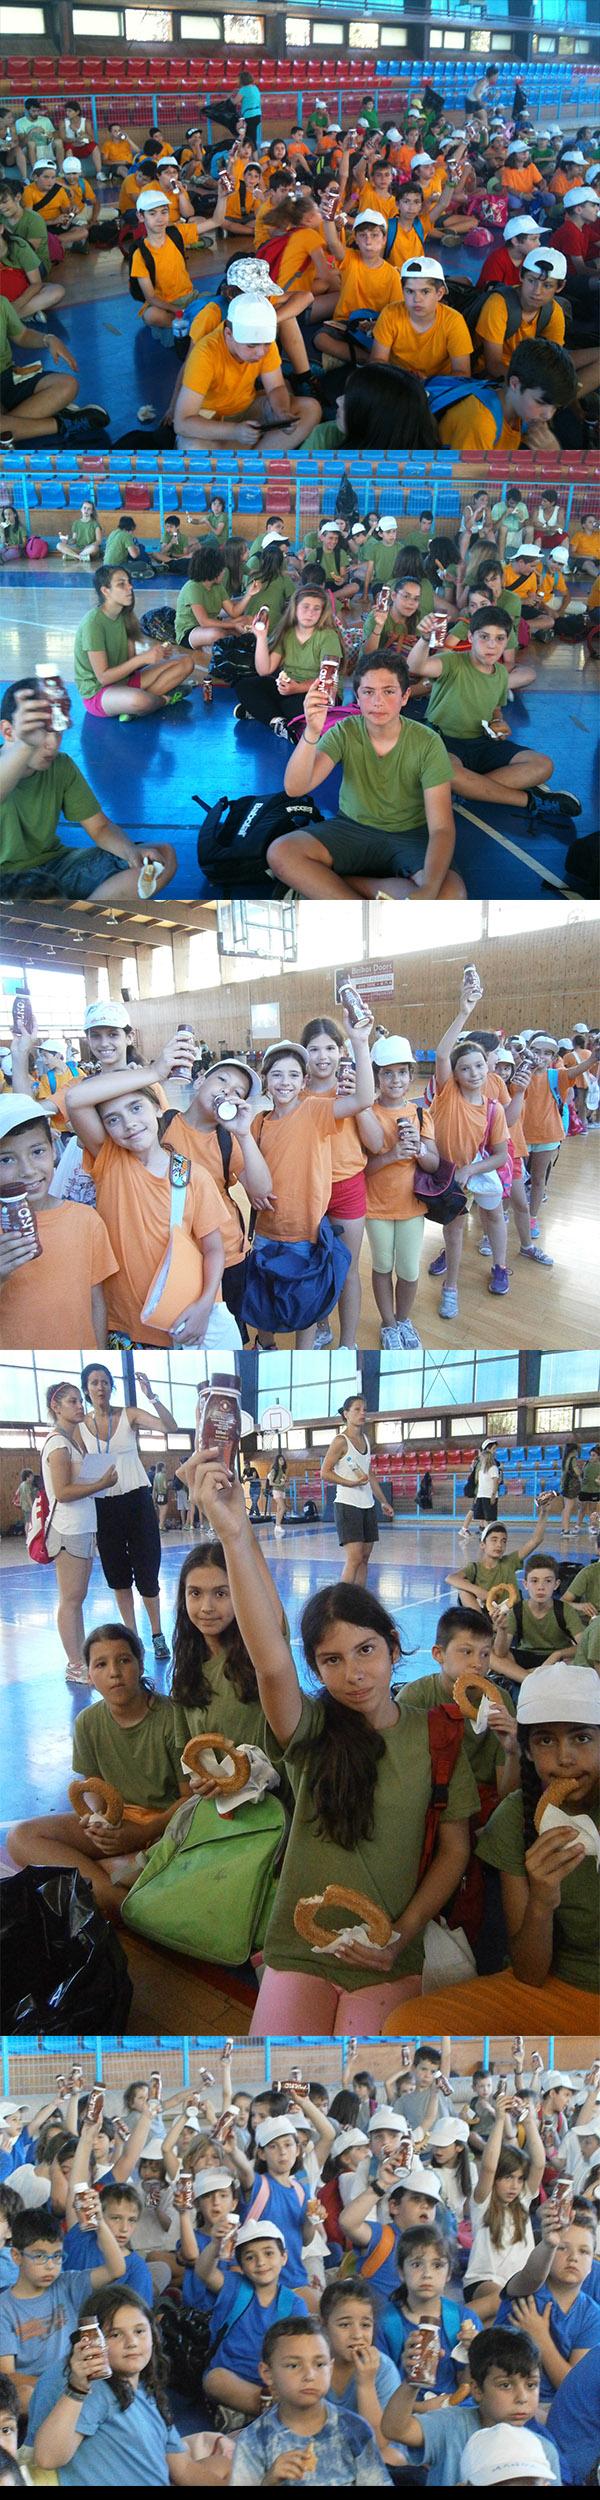 Active-Kids-Summer-Camp-2014-protovoulia-dimou-galatsiou-omada-logodiatrofis-fotos